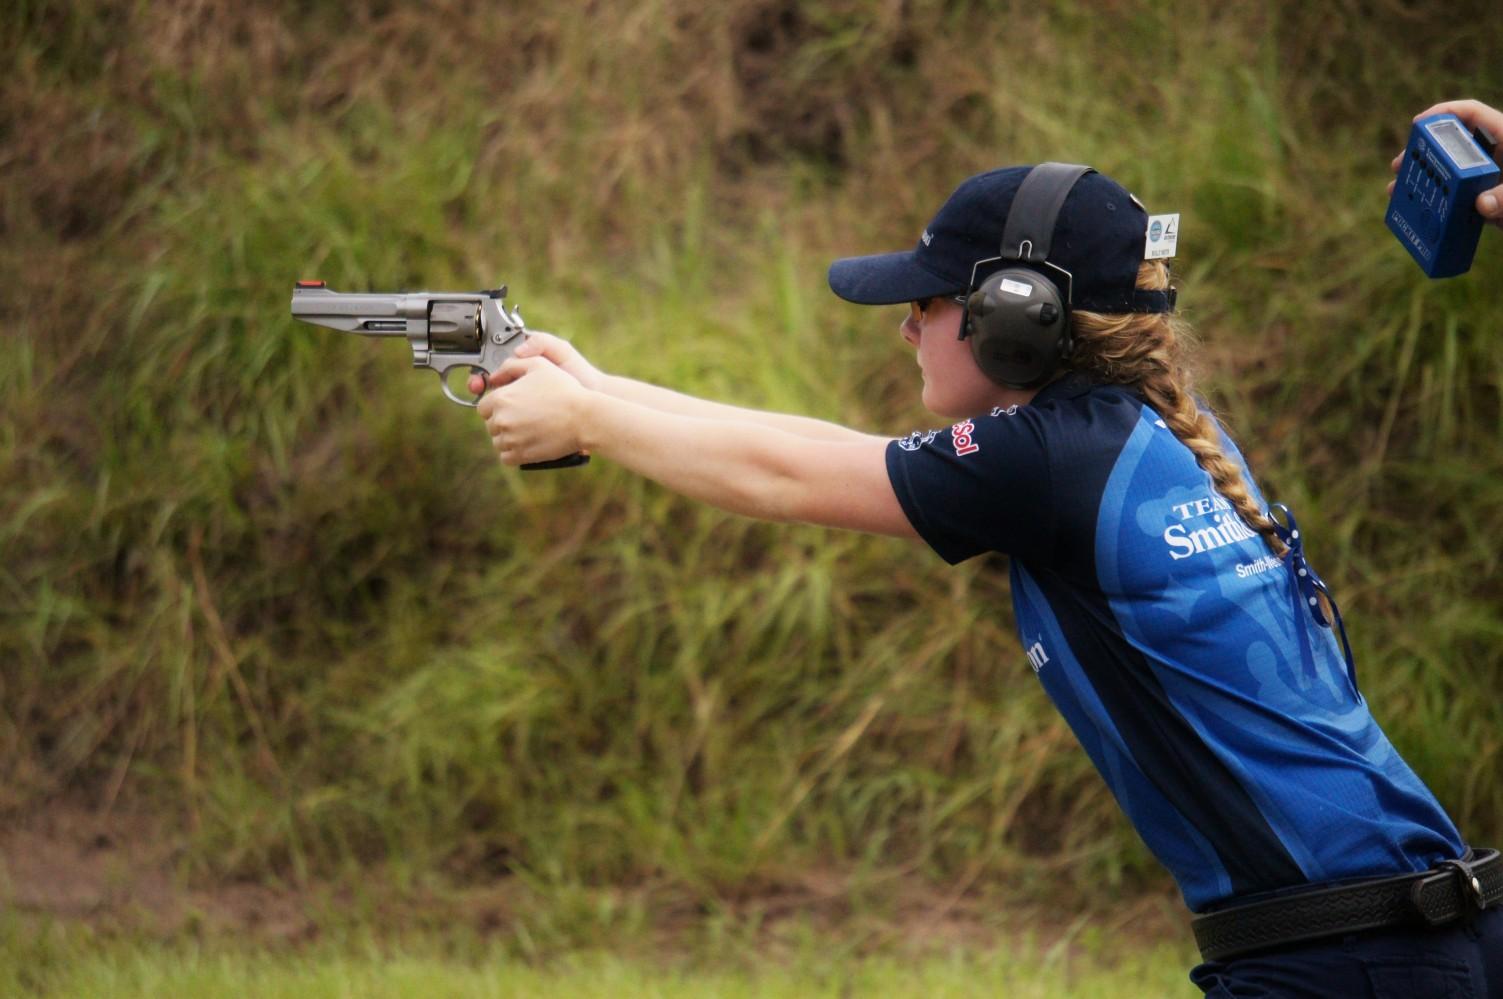 Спортивная револьверная стрельба